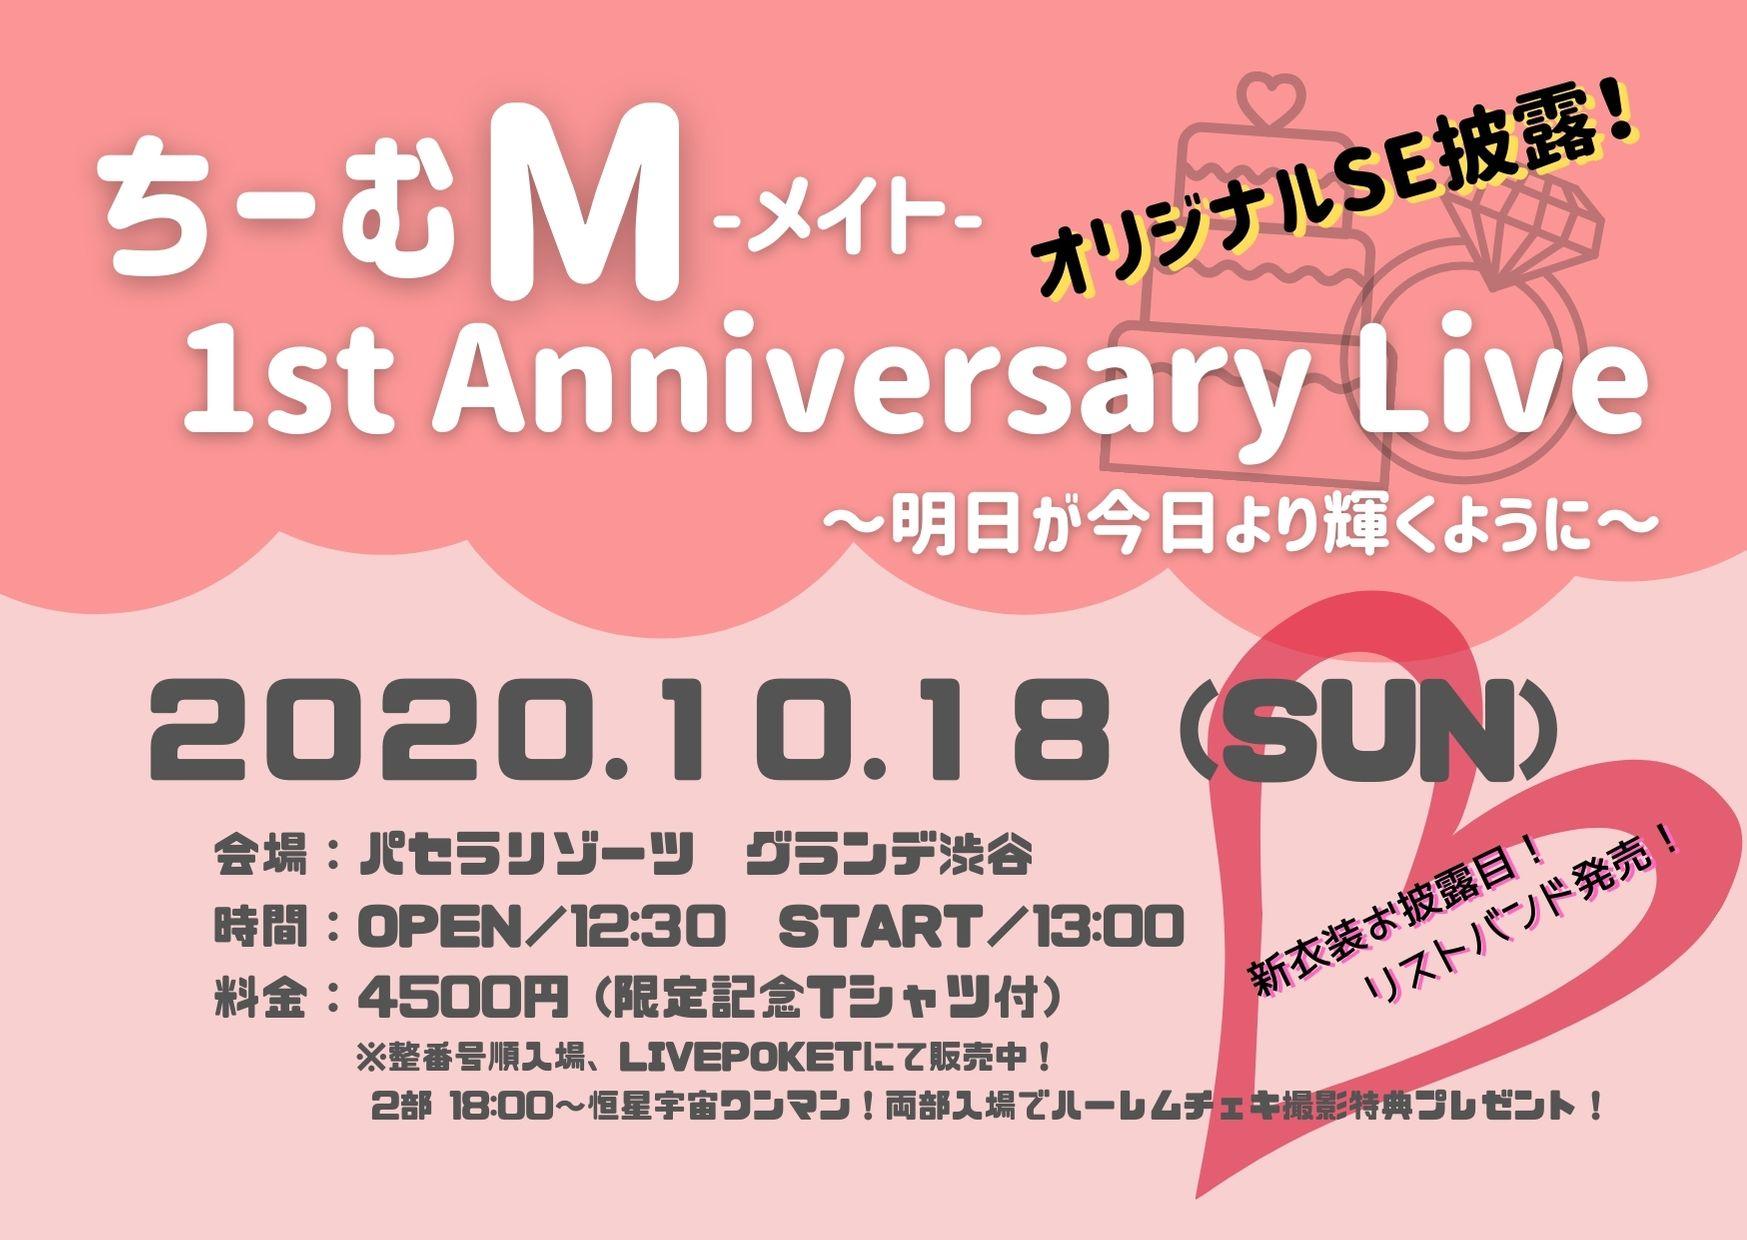 10/18(日)ちーむM 1st Anniversary Live ~今日が明日より輝くように~